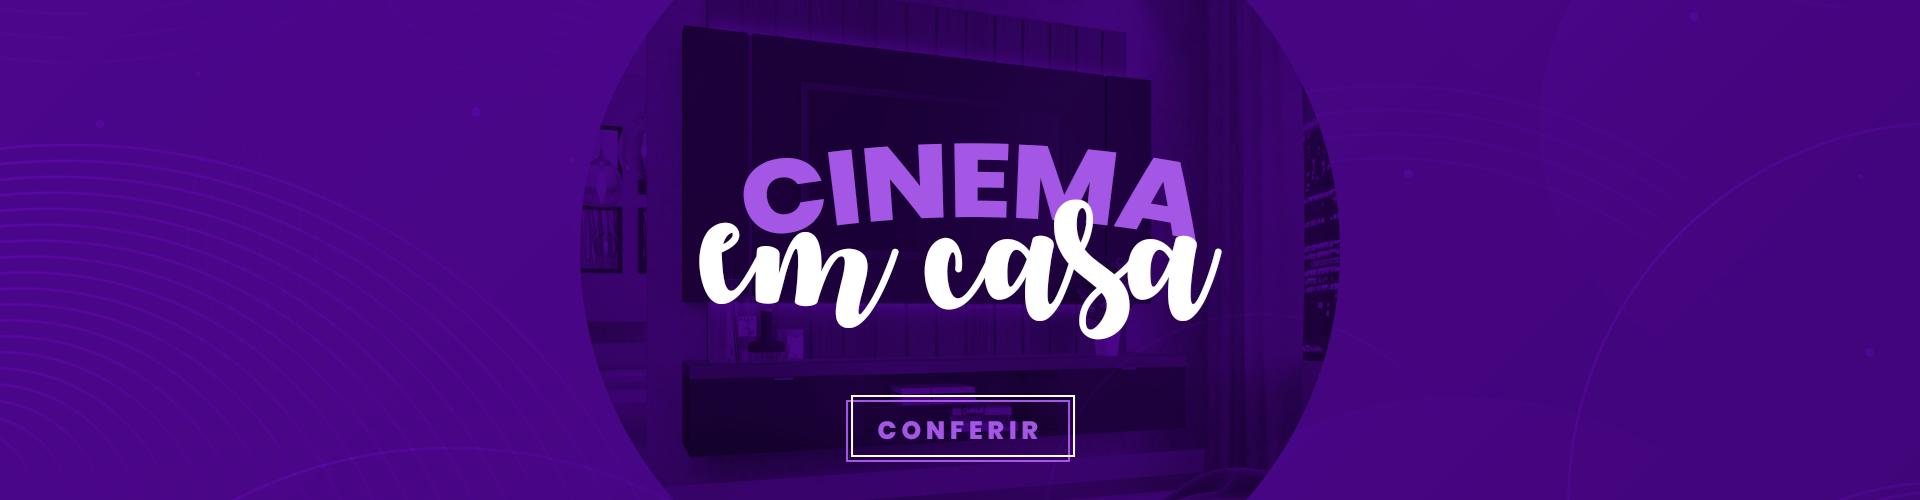 Cinema em Casa | Mpozenato